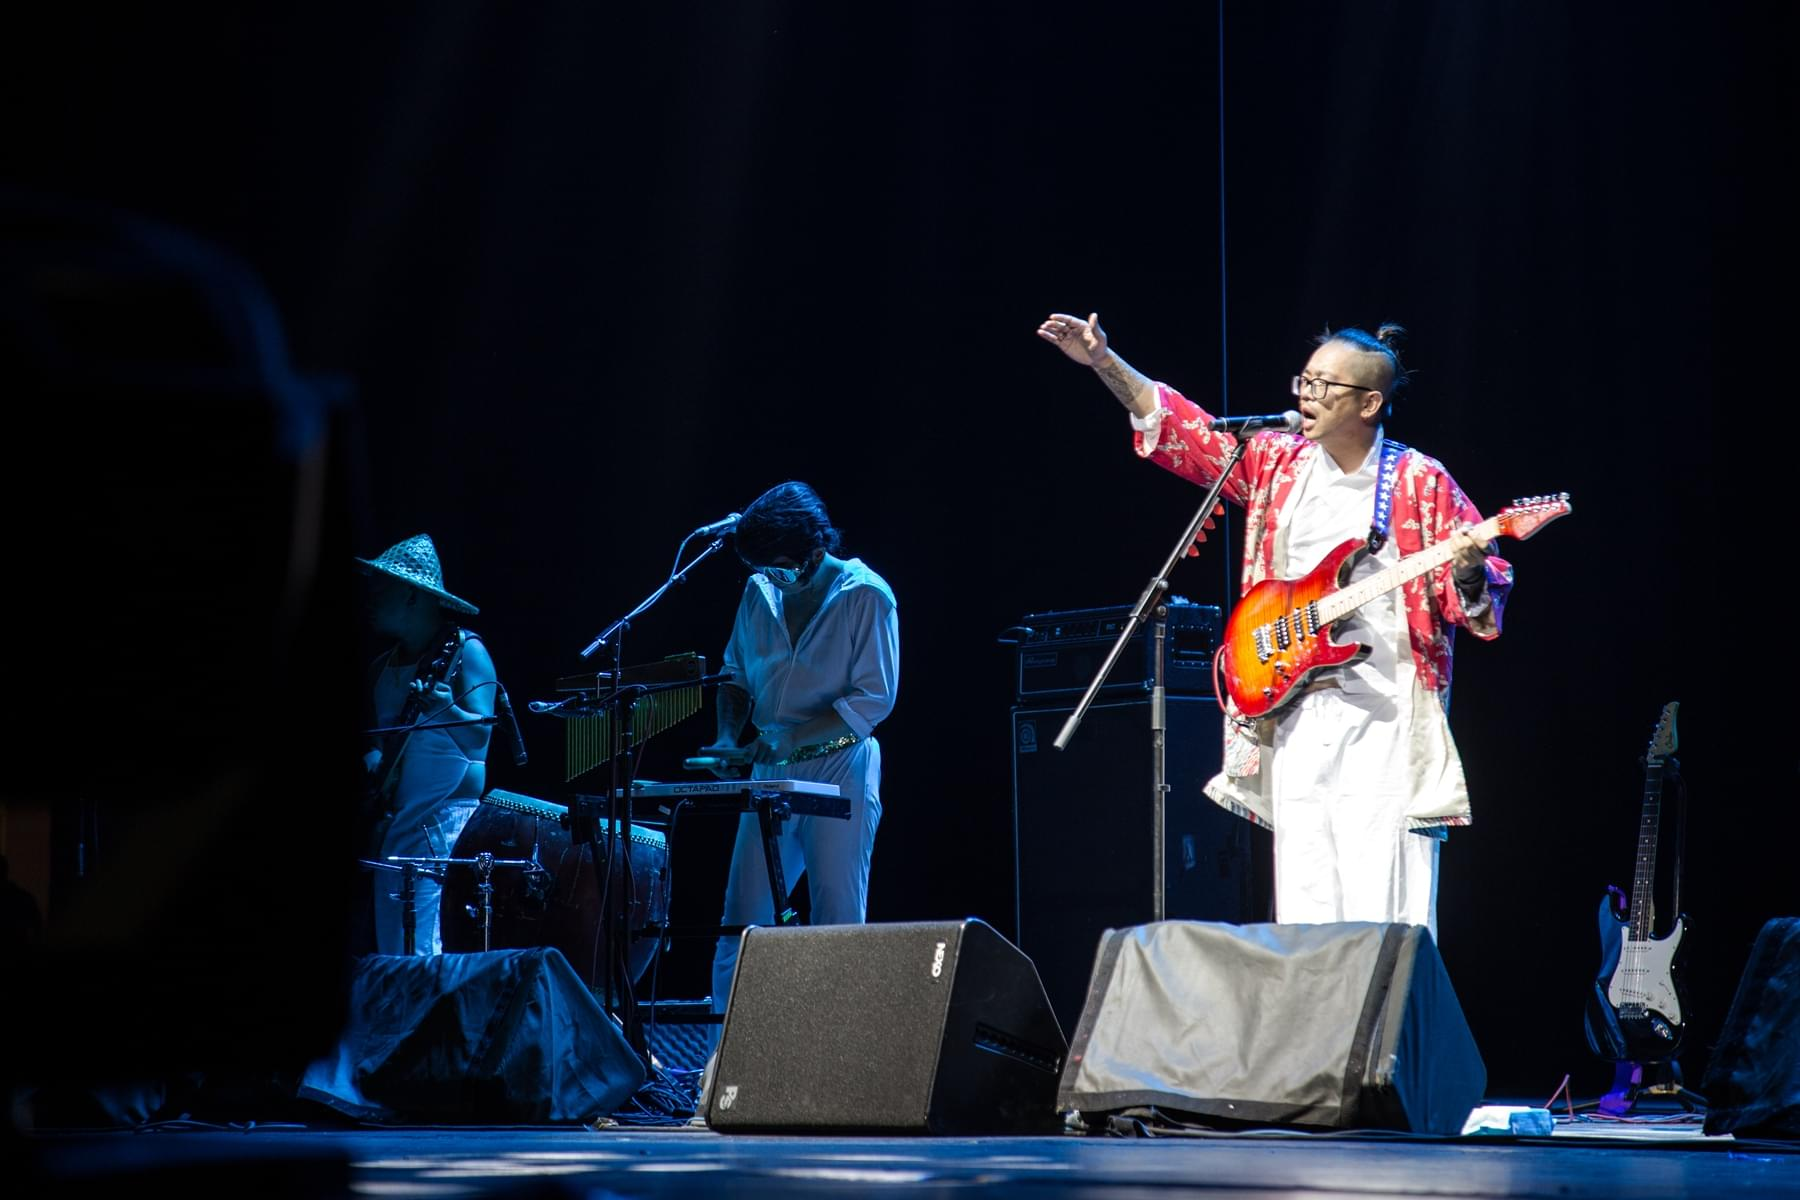 南无乐队巡演嗨翻北京沈阳 摇滚尬舞撩动全场